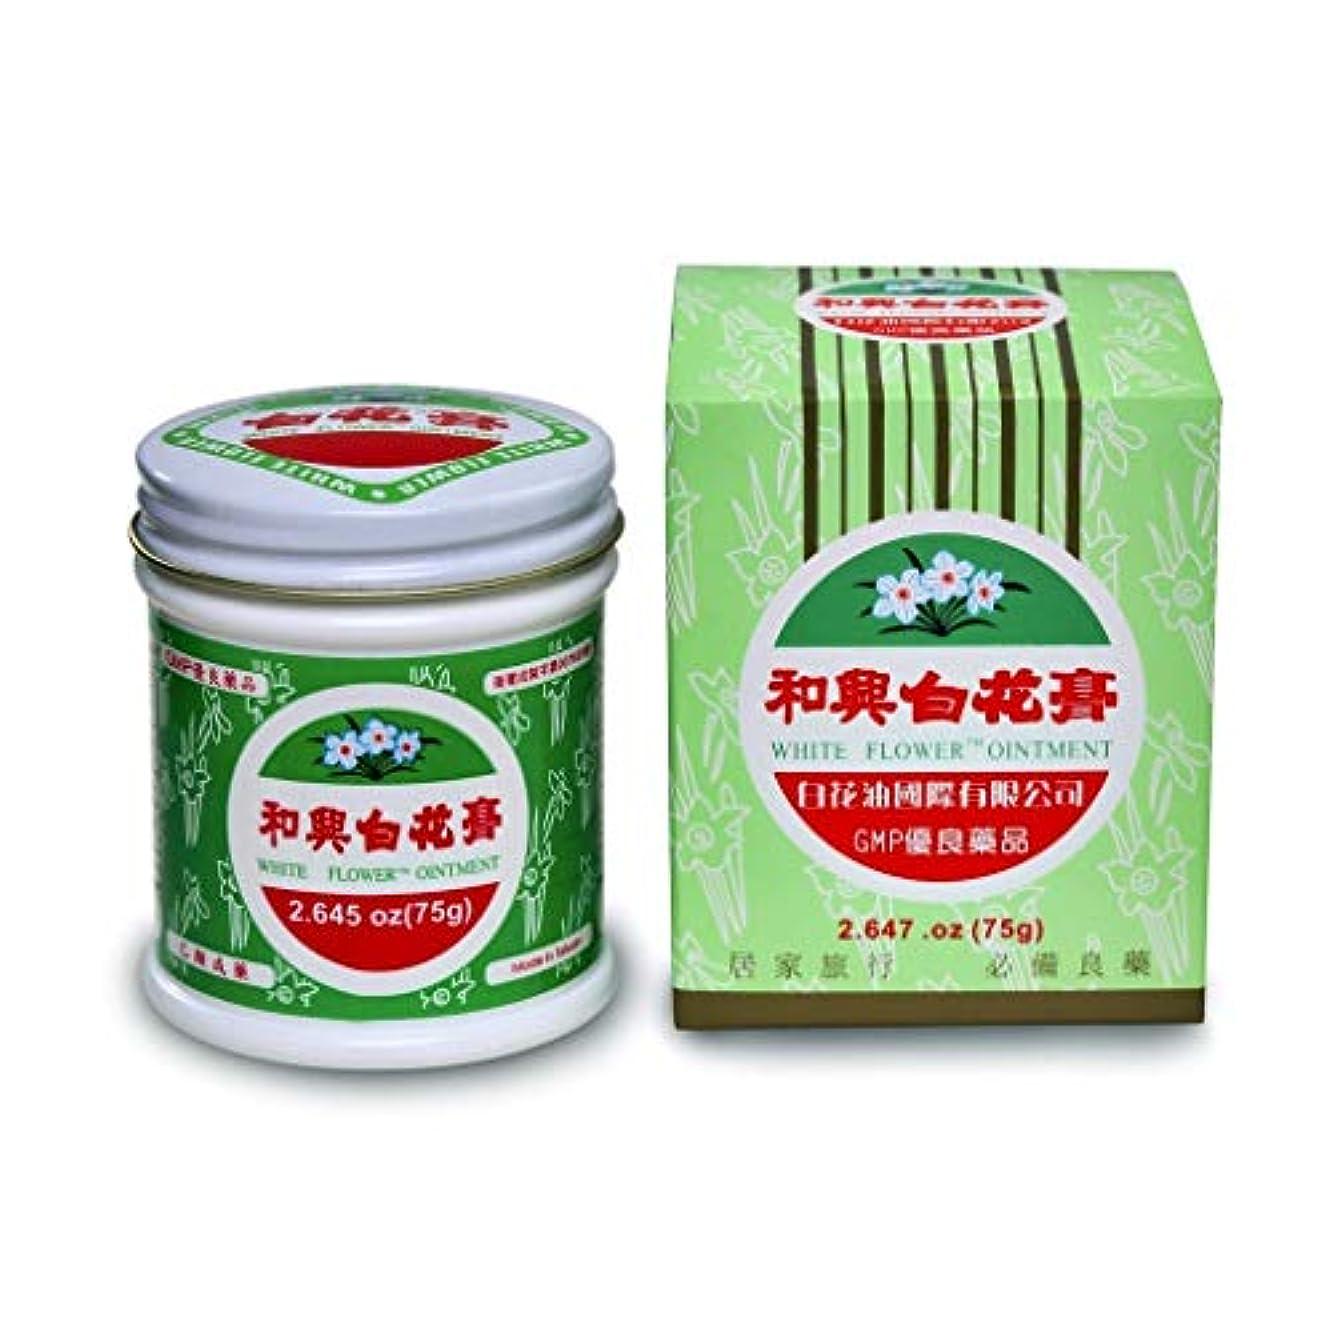 コインランドリー遊びますタイマー台湾 純正版 白花膏 75g( 白花油軟膏タイプ )